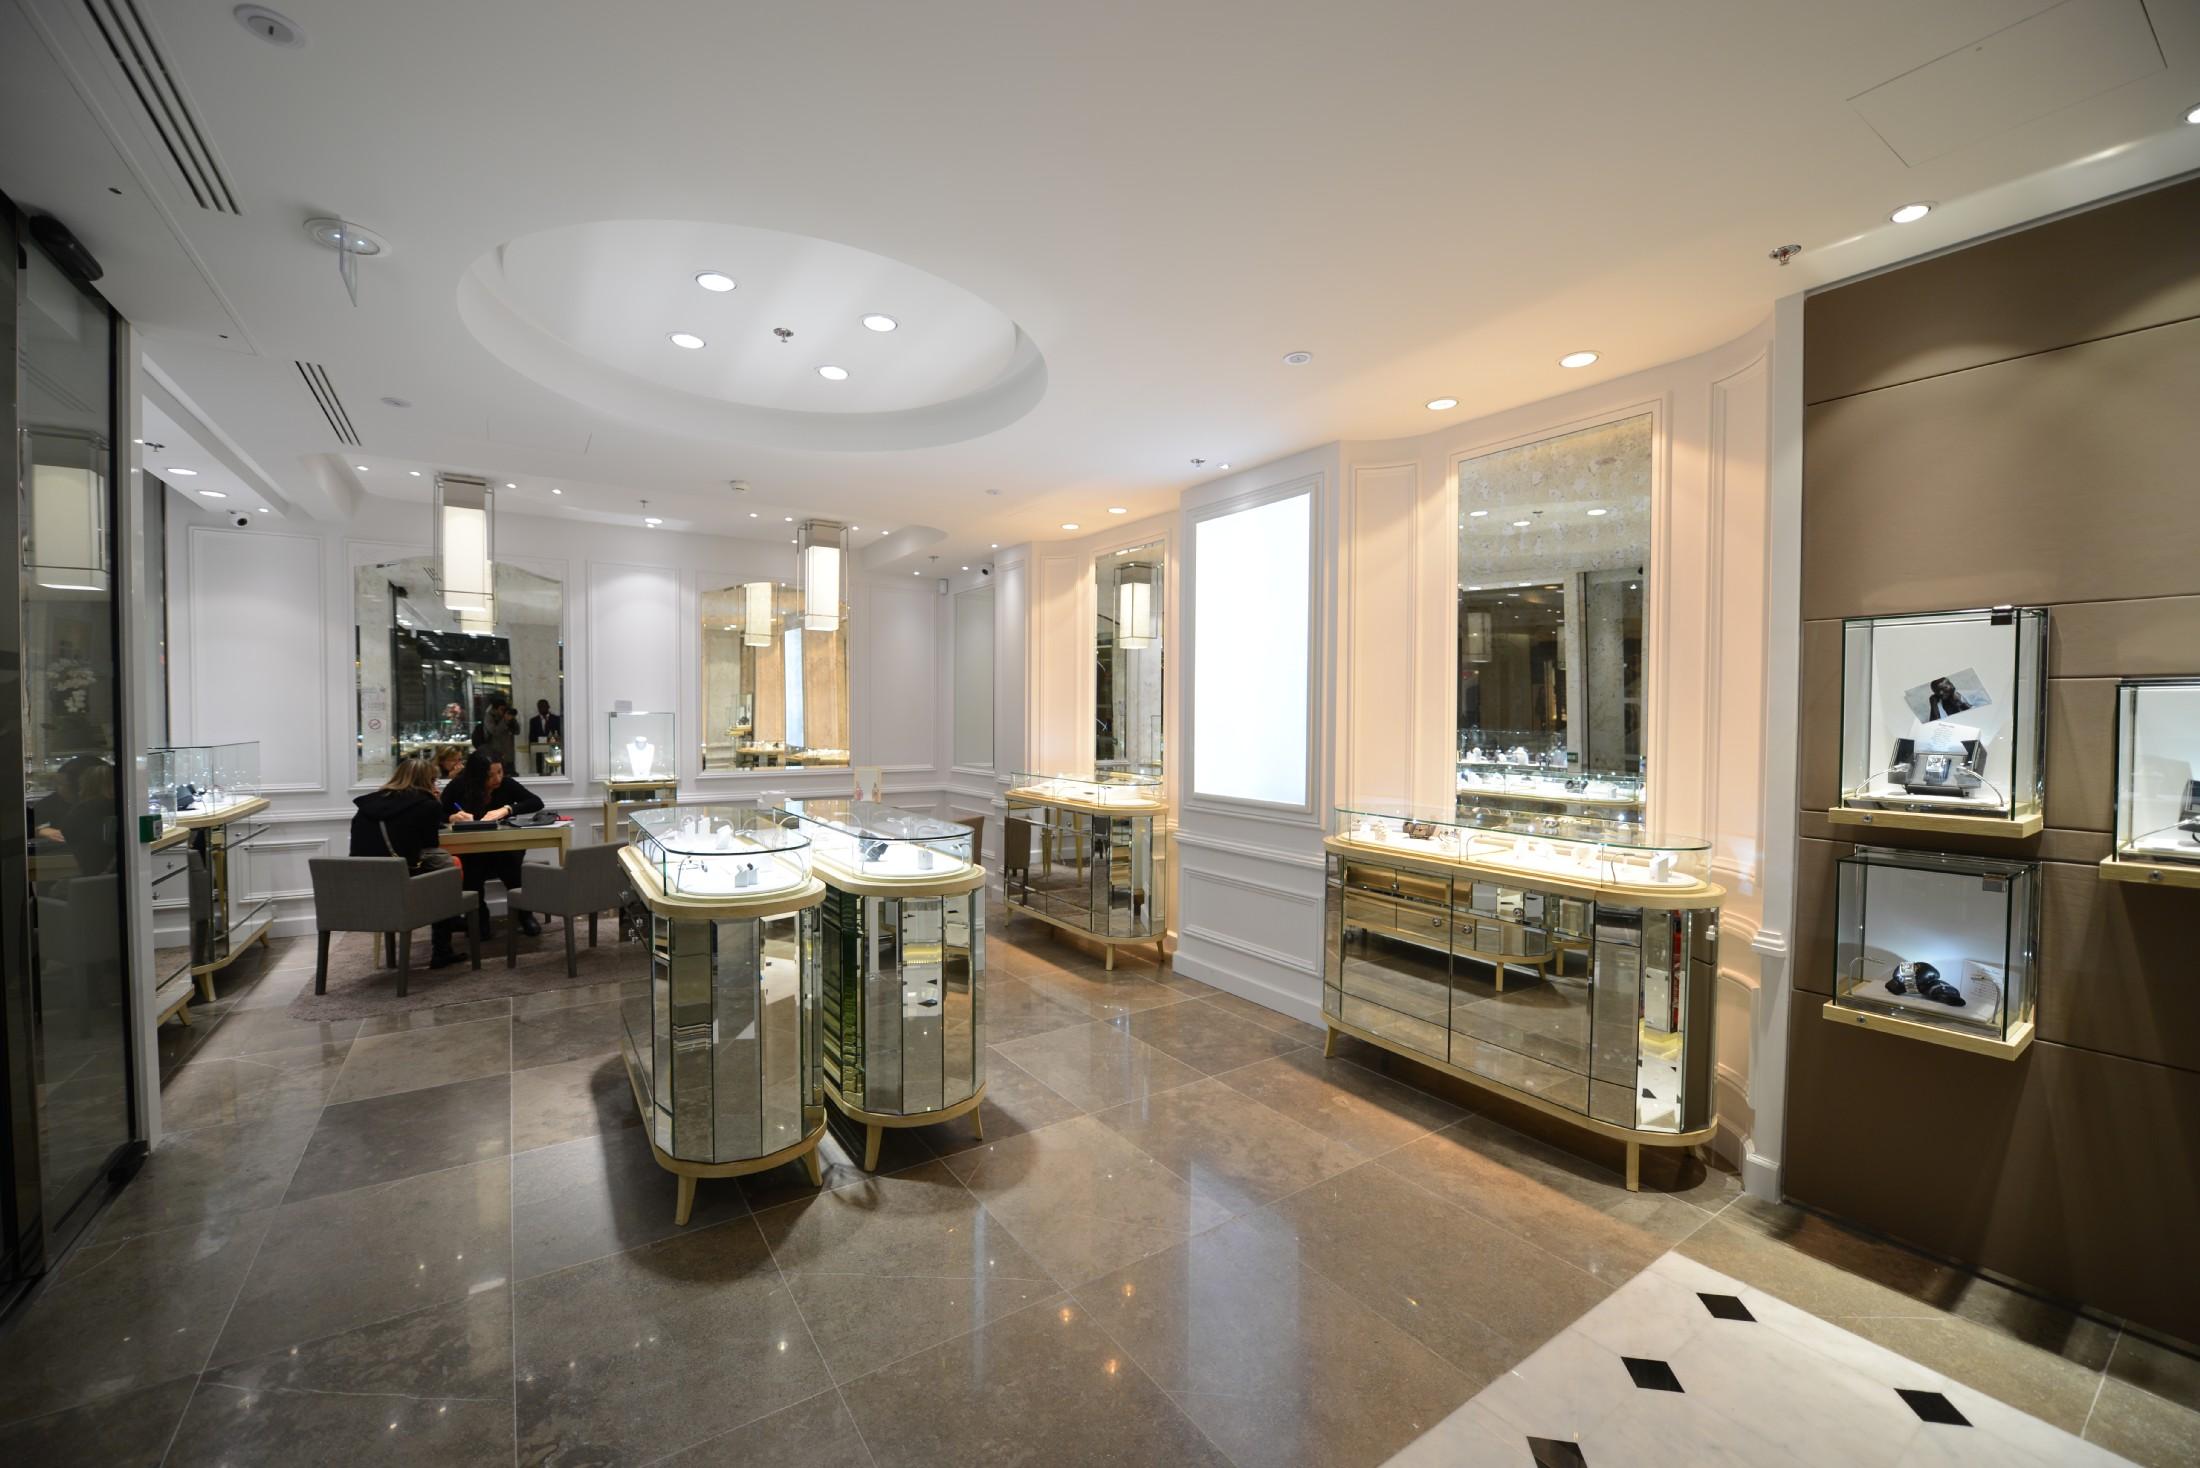 le joaillier mauboussin ouvre une nouvelle boutique aux 4 temps defense. Black Bedroom Furniture Sets. Home Design Ideas